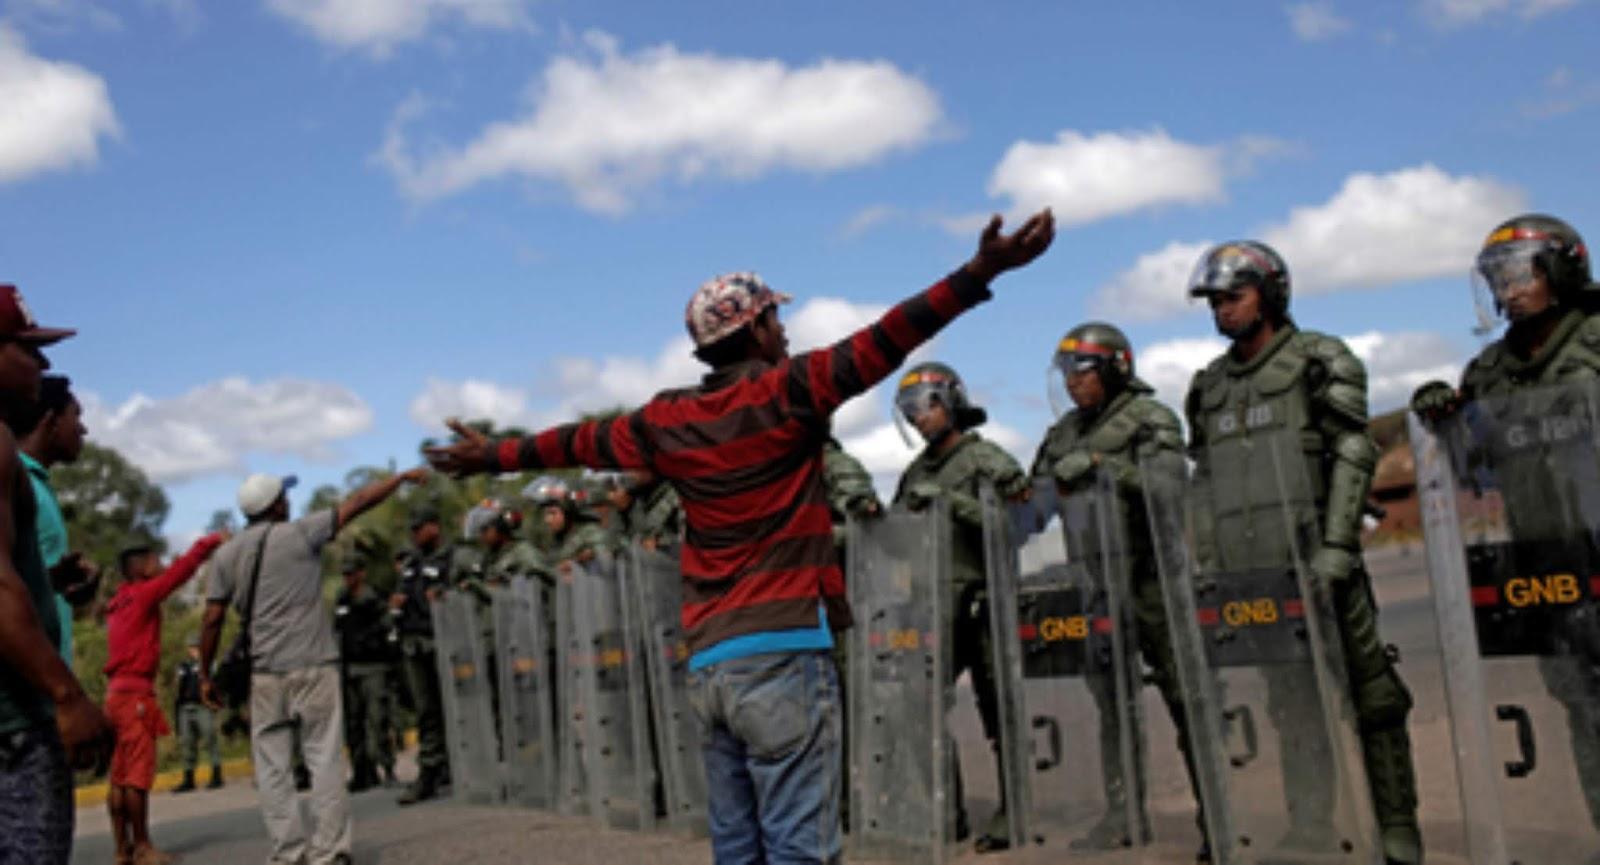 Rusia akan melakukan segalanya untuk mencegah invasi militer ke Venezuela